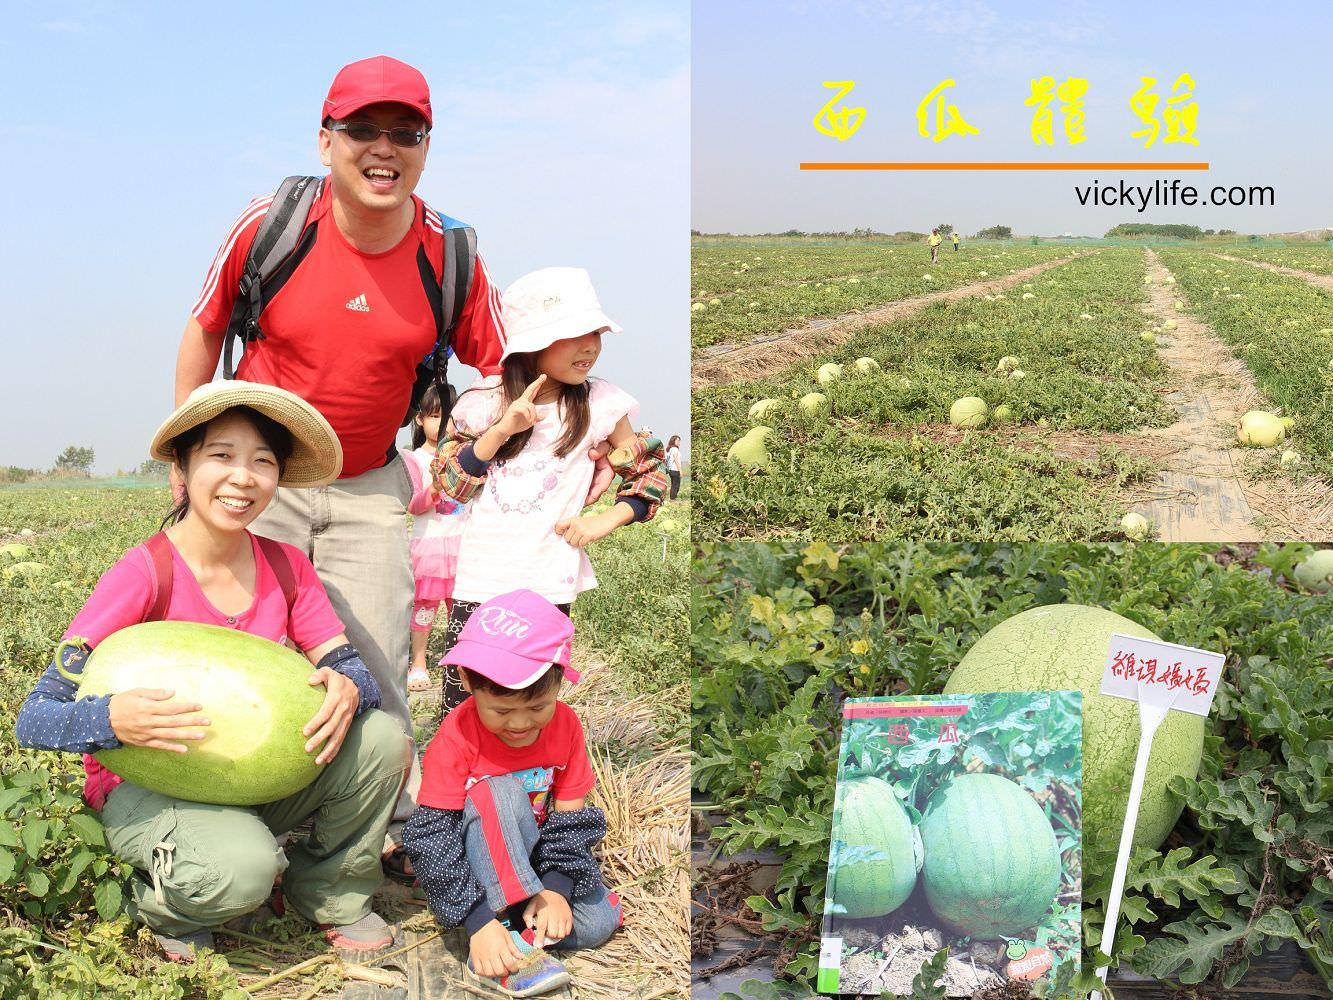 西瓜節︱食農教育︱種瓜得瓜,大人小孩開心吃瓜,開心笑哈哈